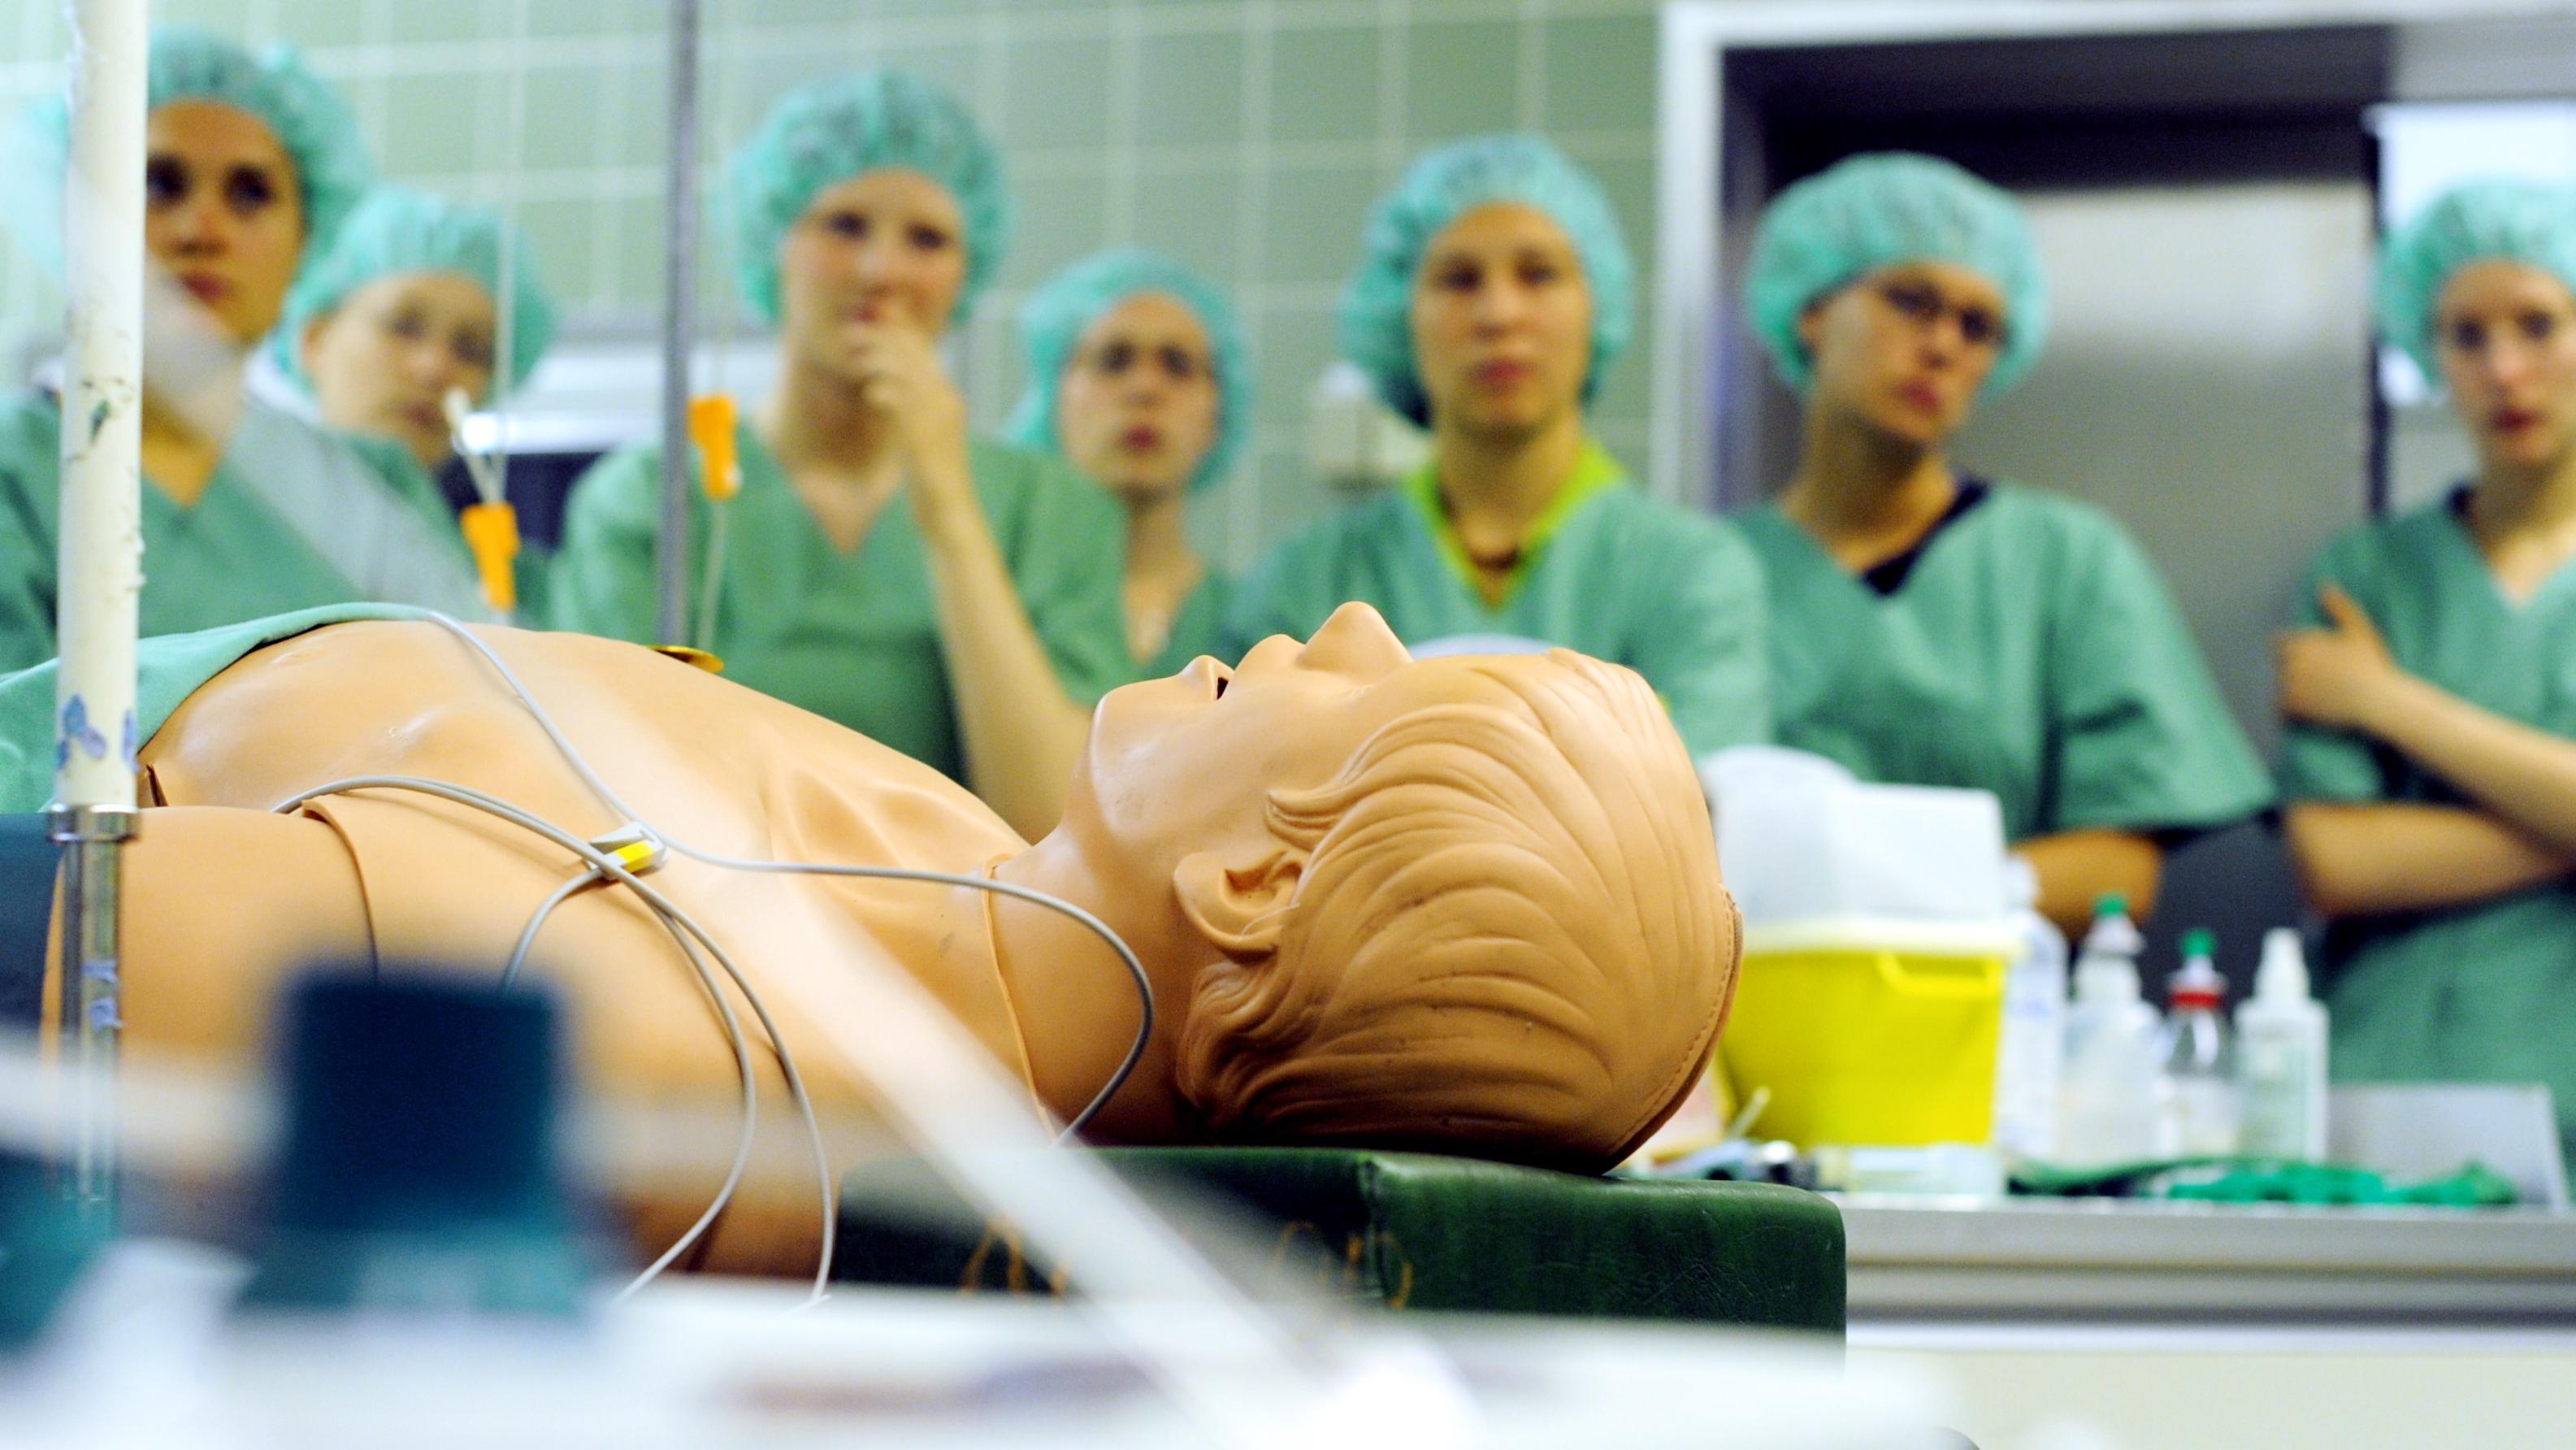 Mehrere Medizinstudenten stehen in einem Operationssaal in grünen Kitteln um eine Puppe herum.